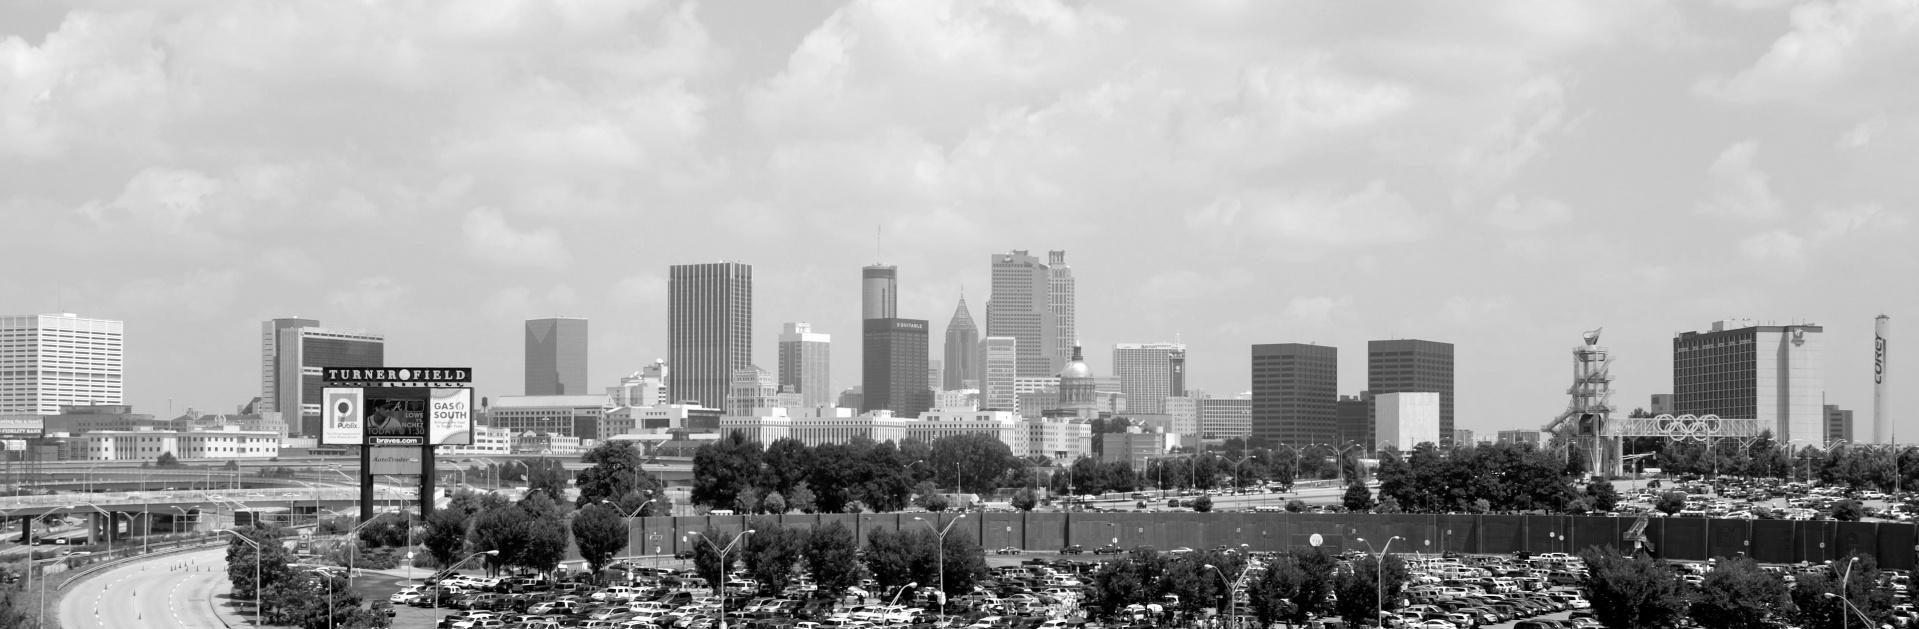 Skyline Atlantas